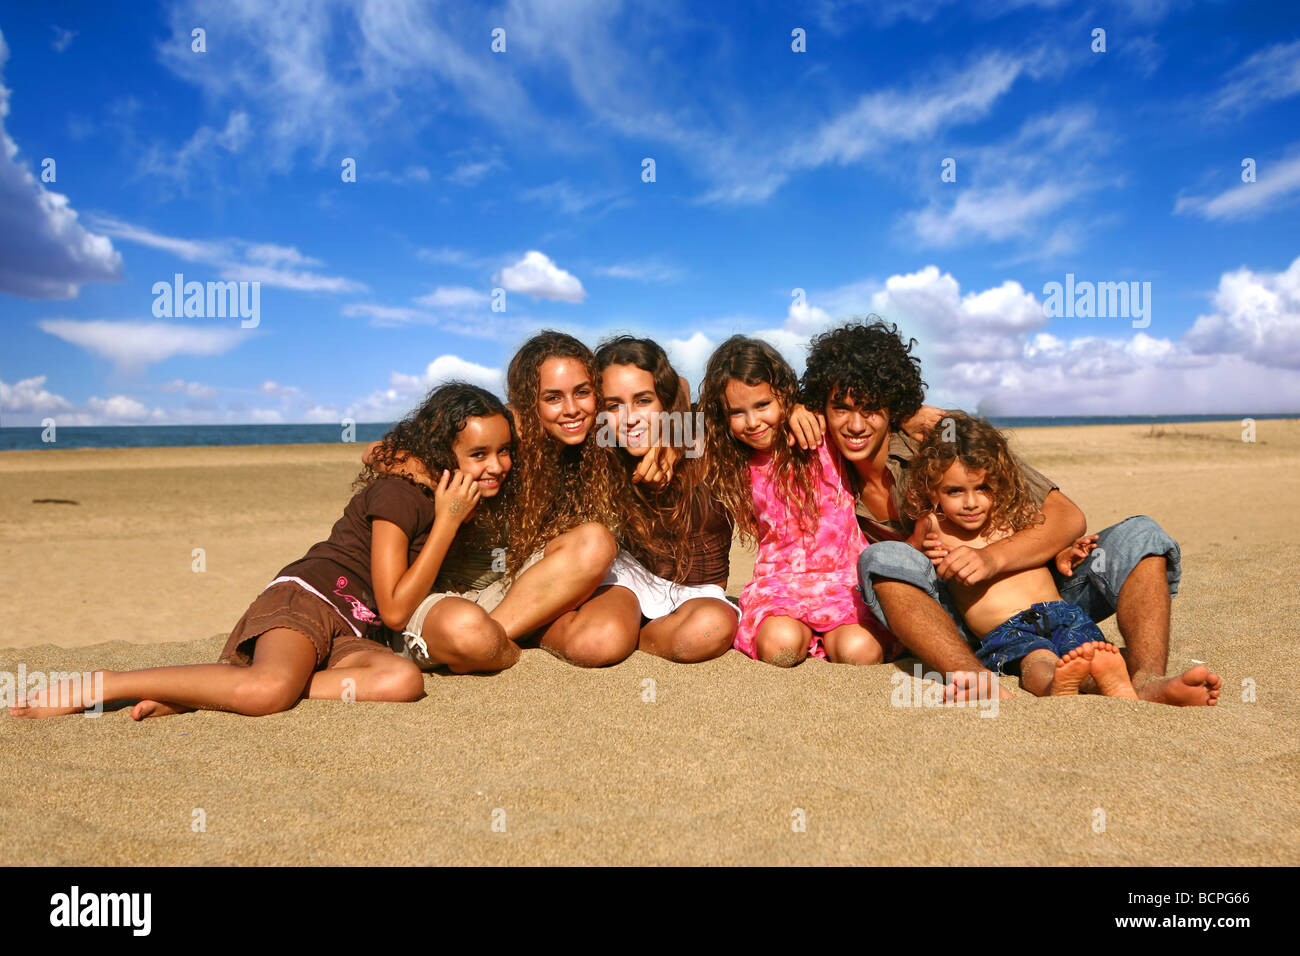 Famiglia con 6 bambini felici sorridente all'aperto presso la spiaggia Immagini Stock